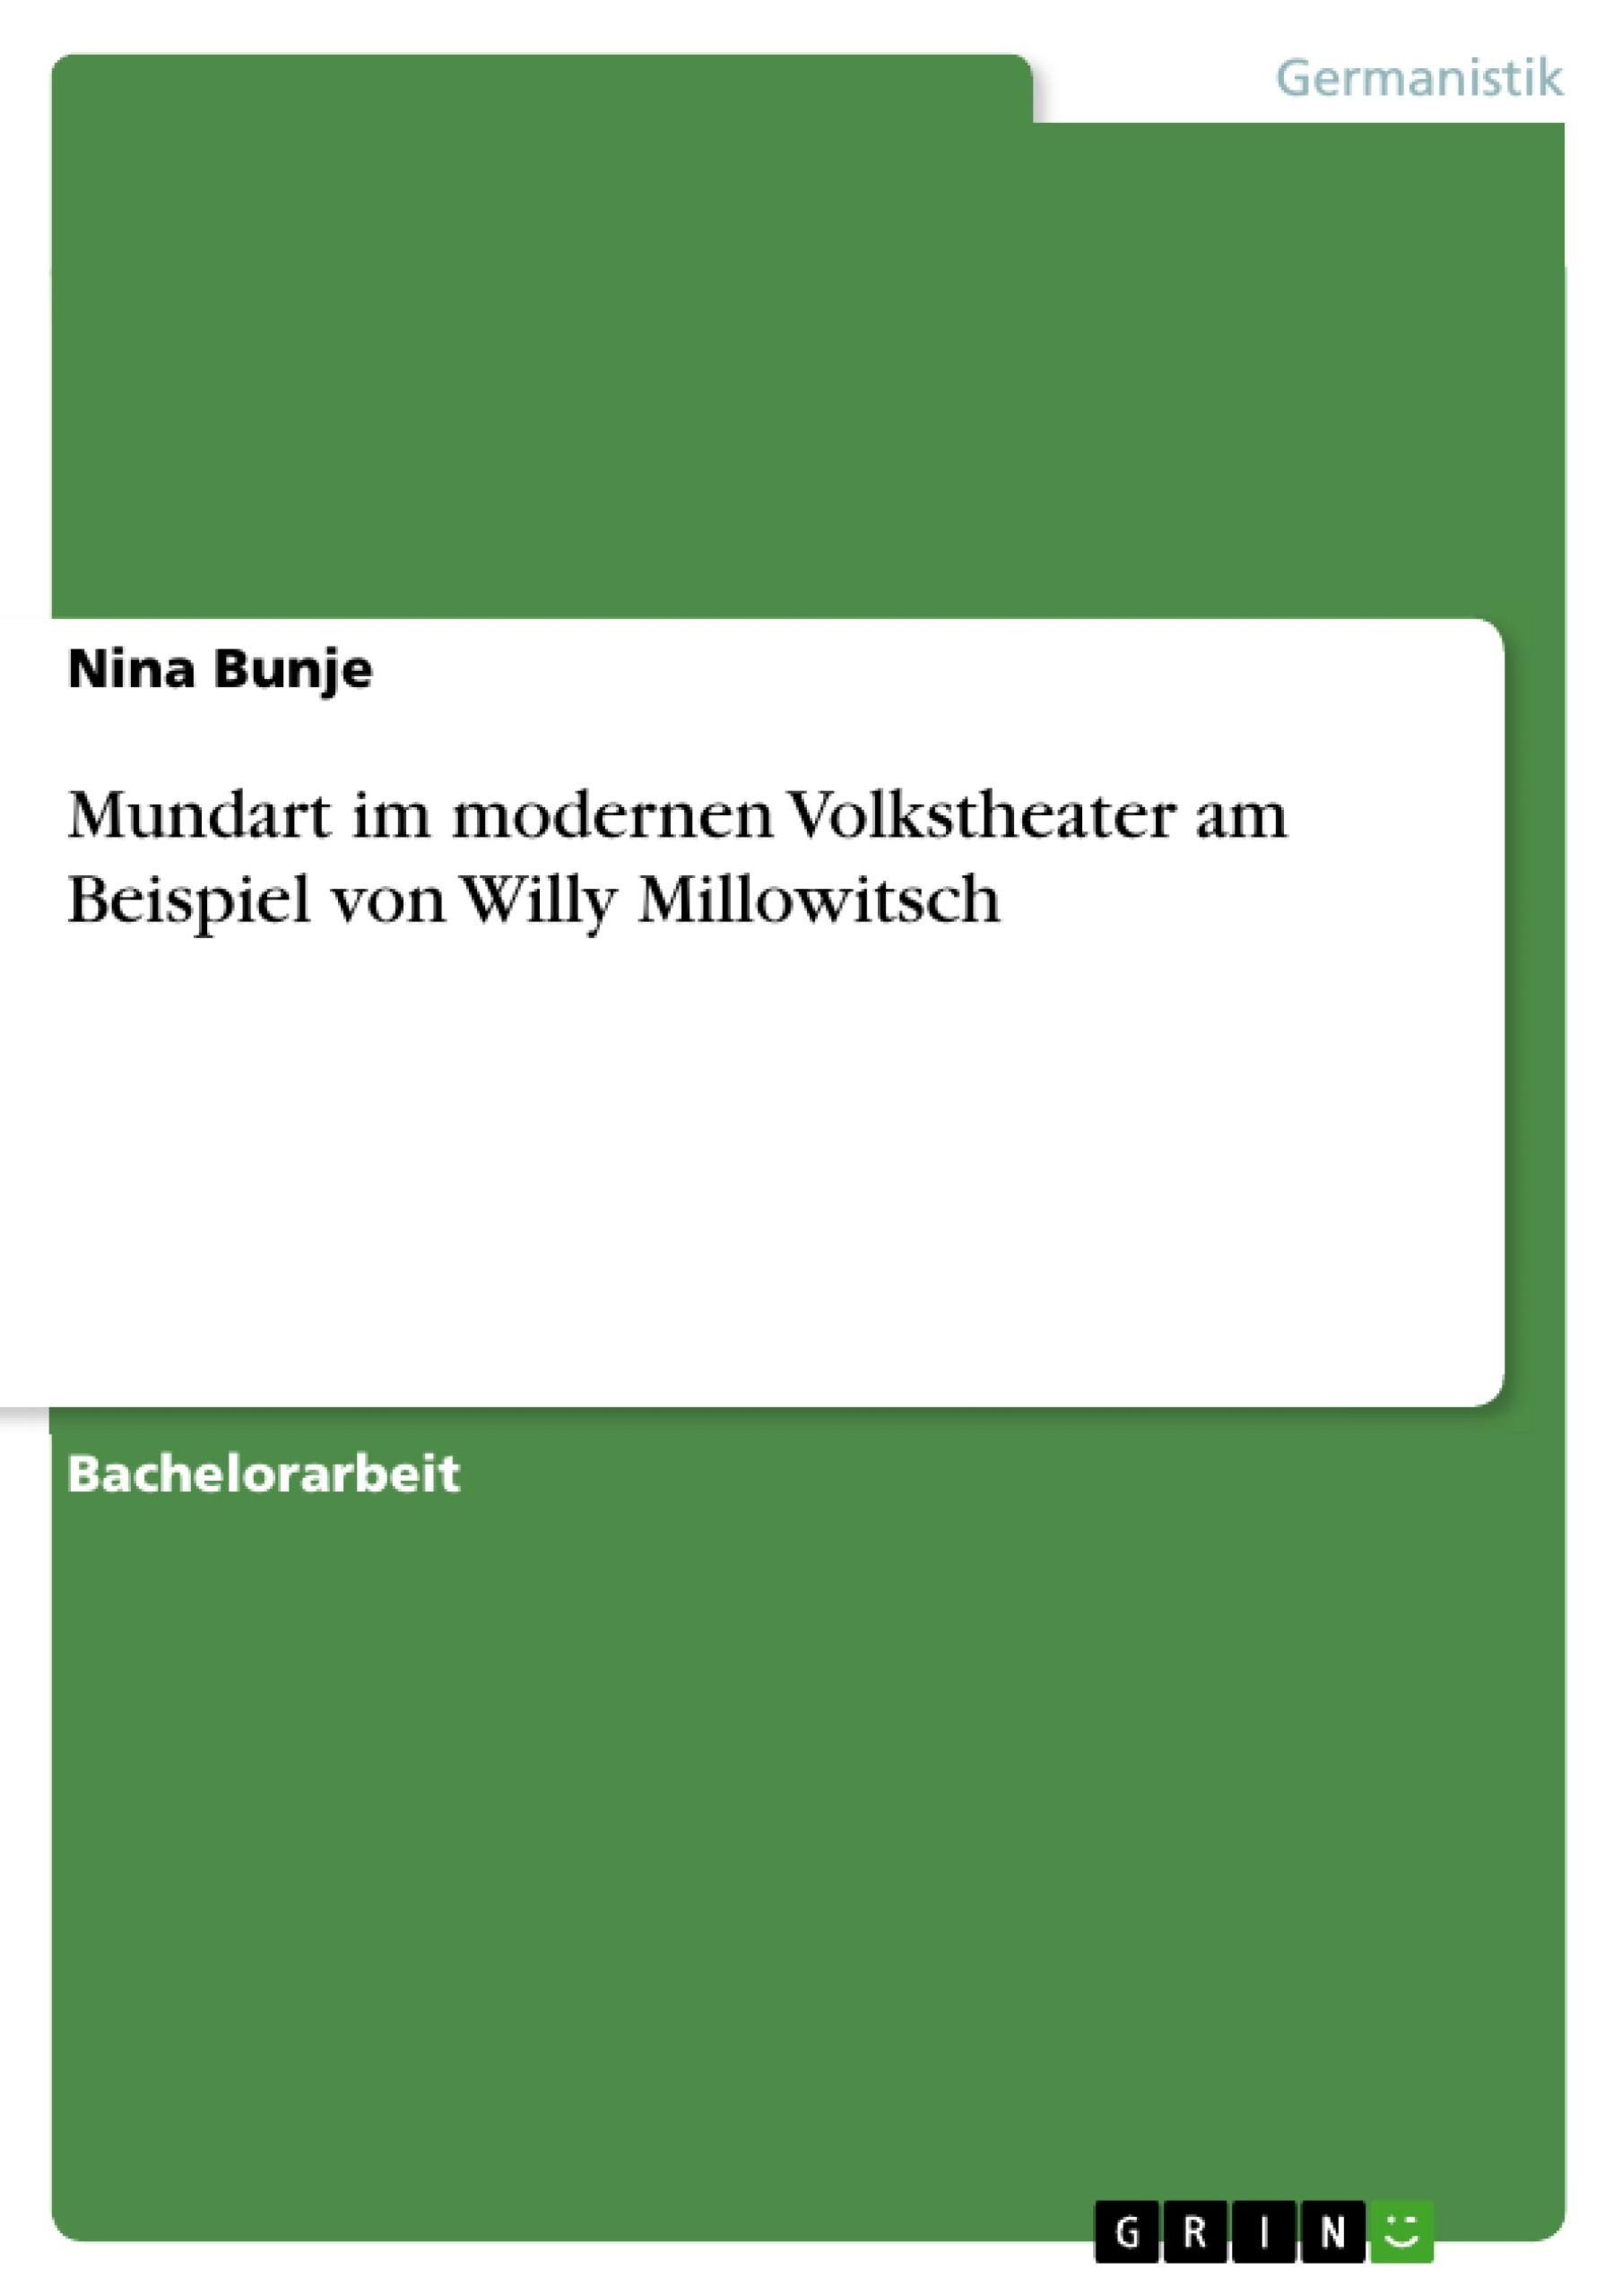 Titel: Mundart im modernen Volkstheater am Beispiel von Willy Millowitsch